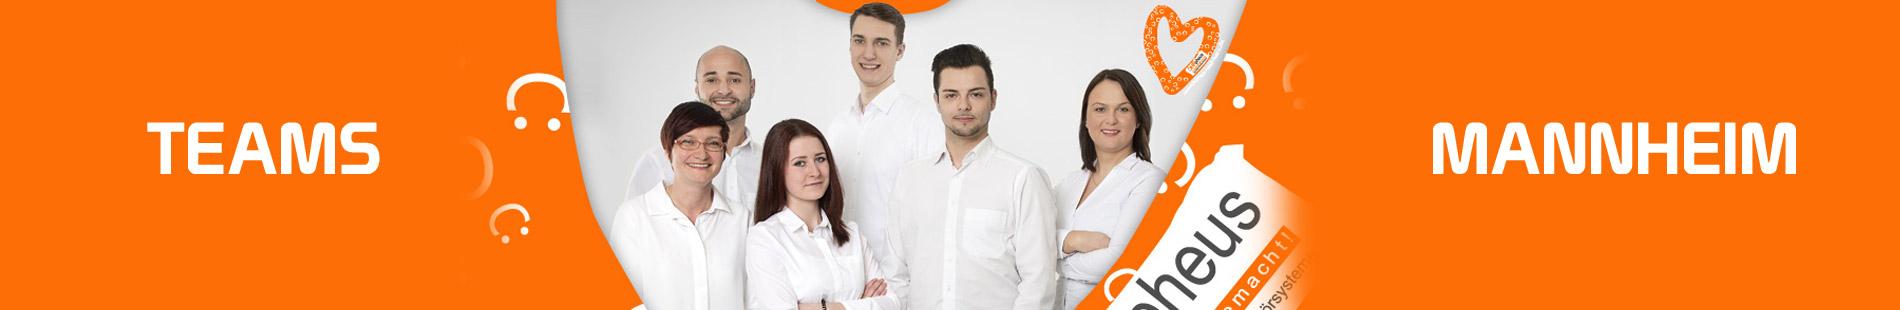 OHRpheus Hörgeräte Teams Mannheim Sliderbild